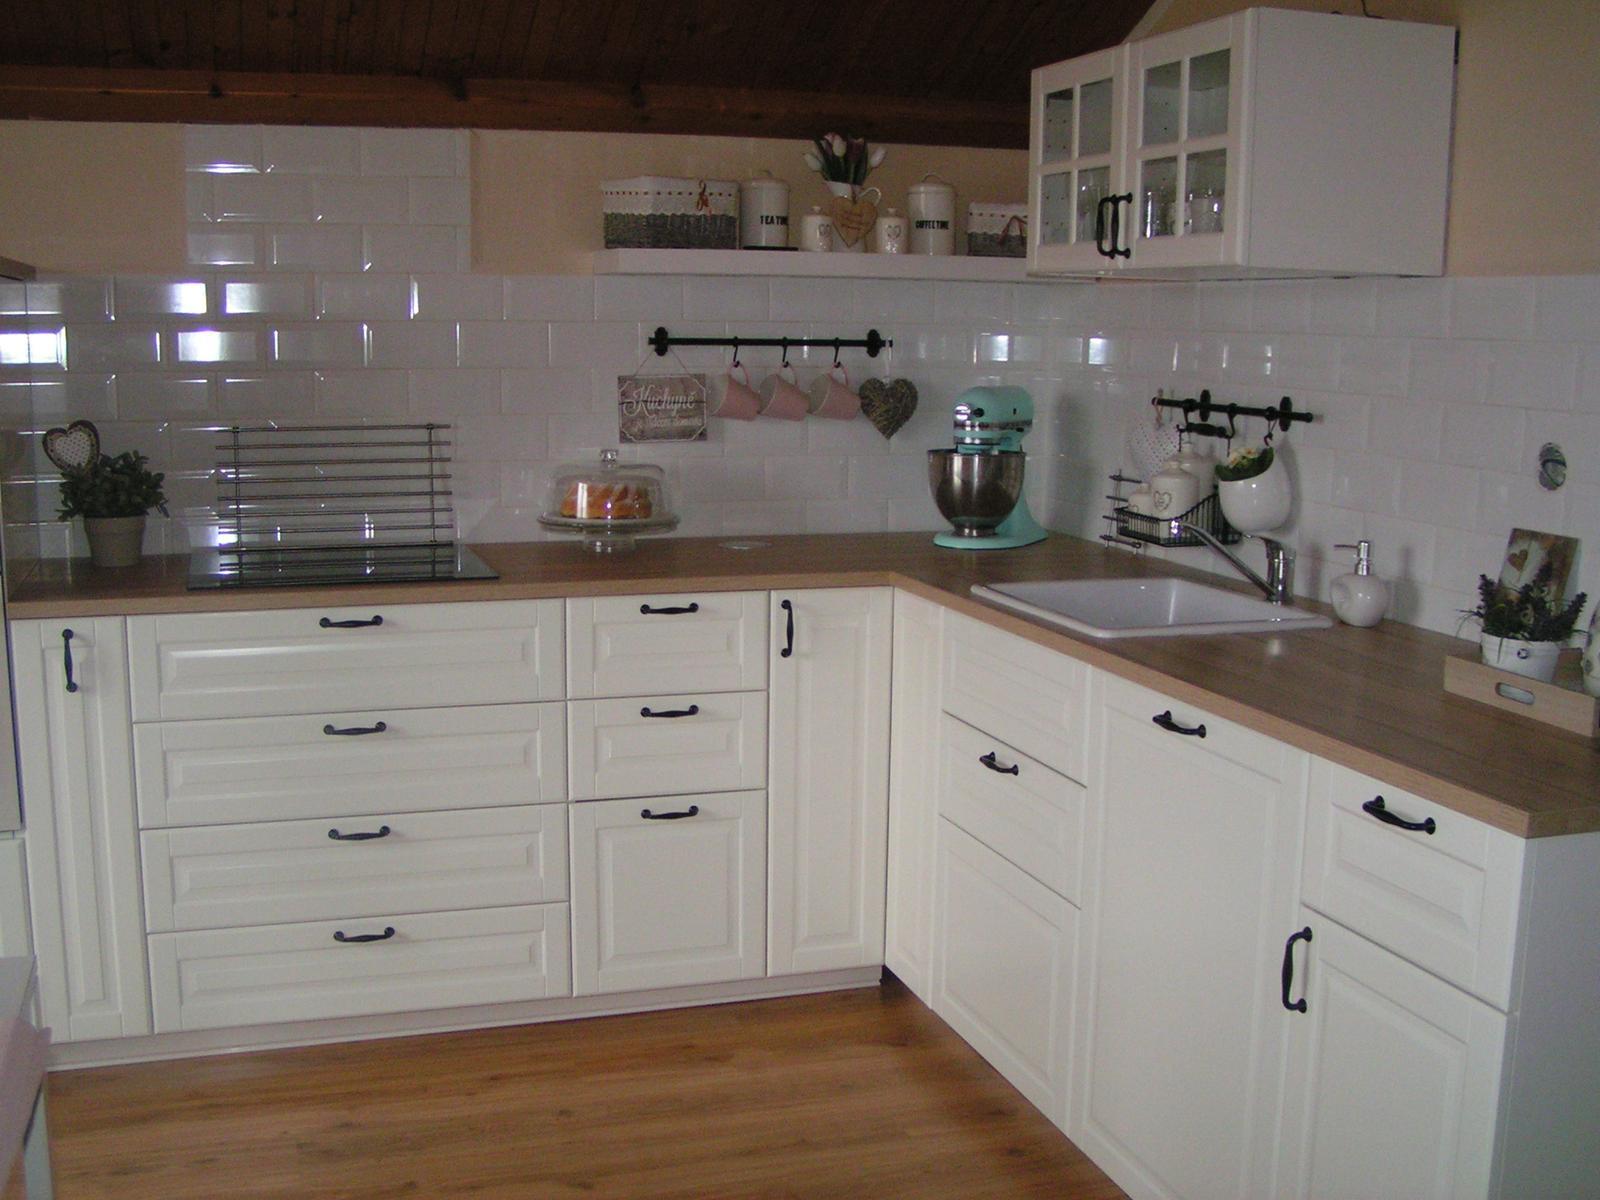 Můj sen,moje kuchyň - na tohle si zvyknu rychle a ráda